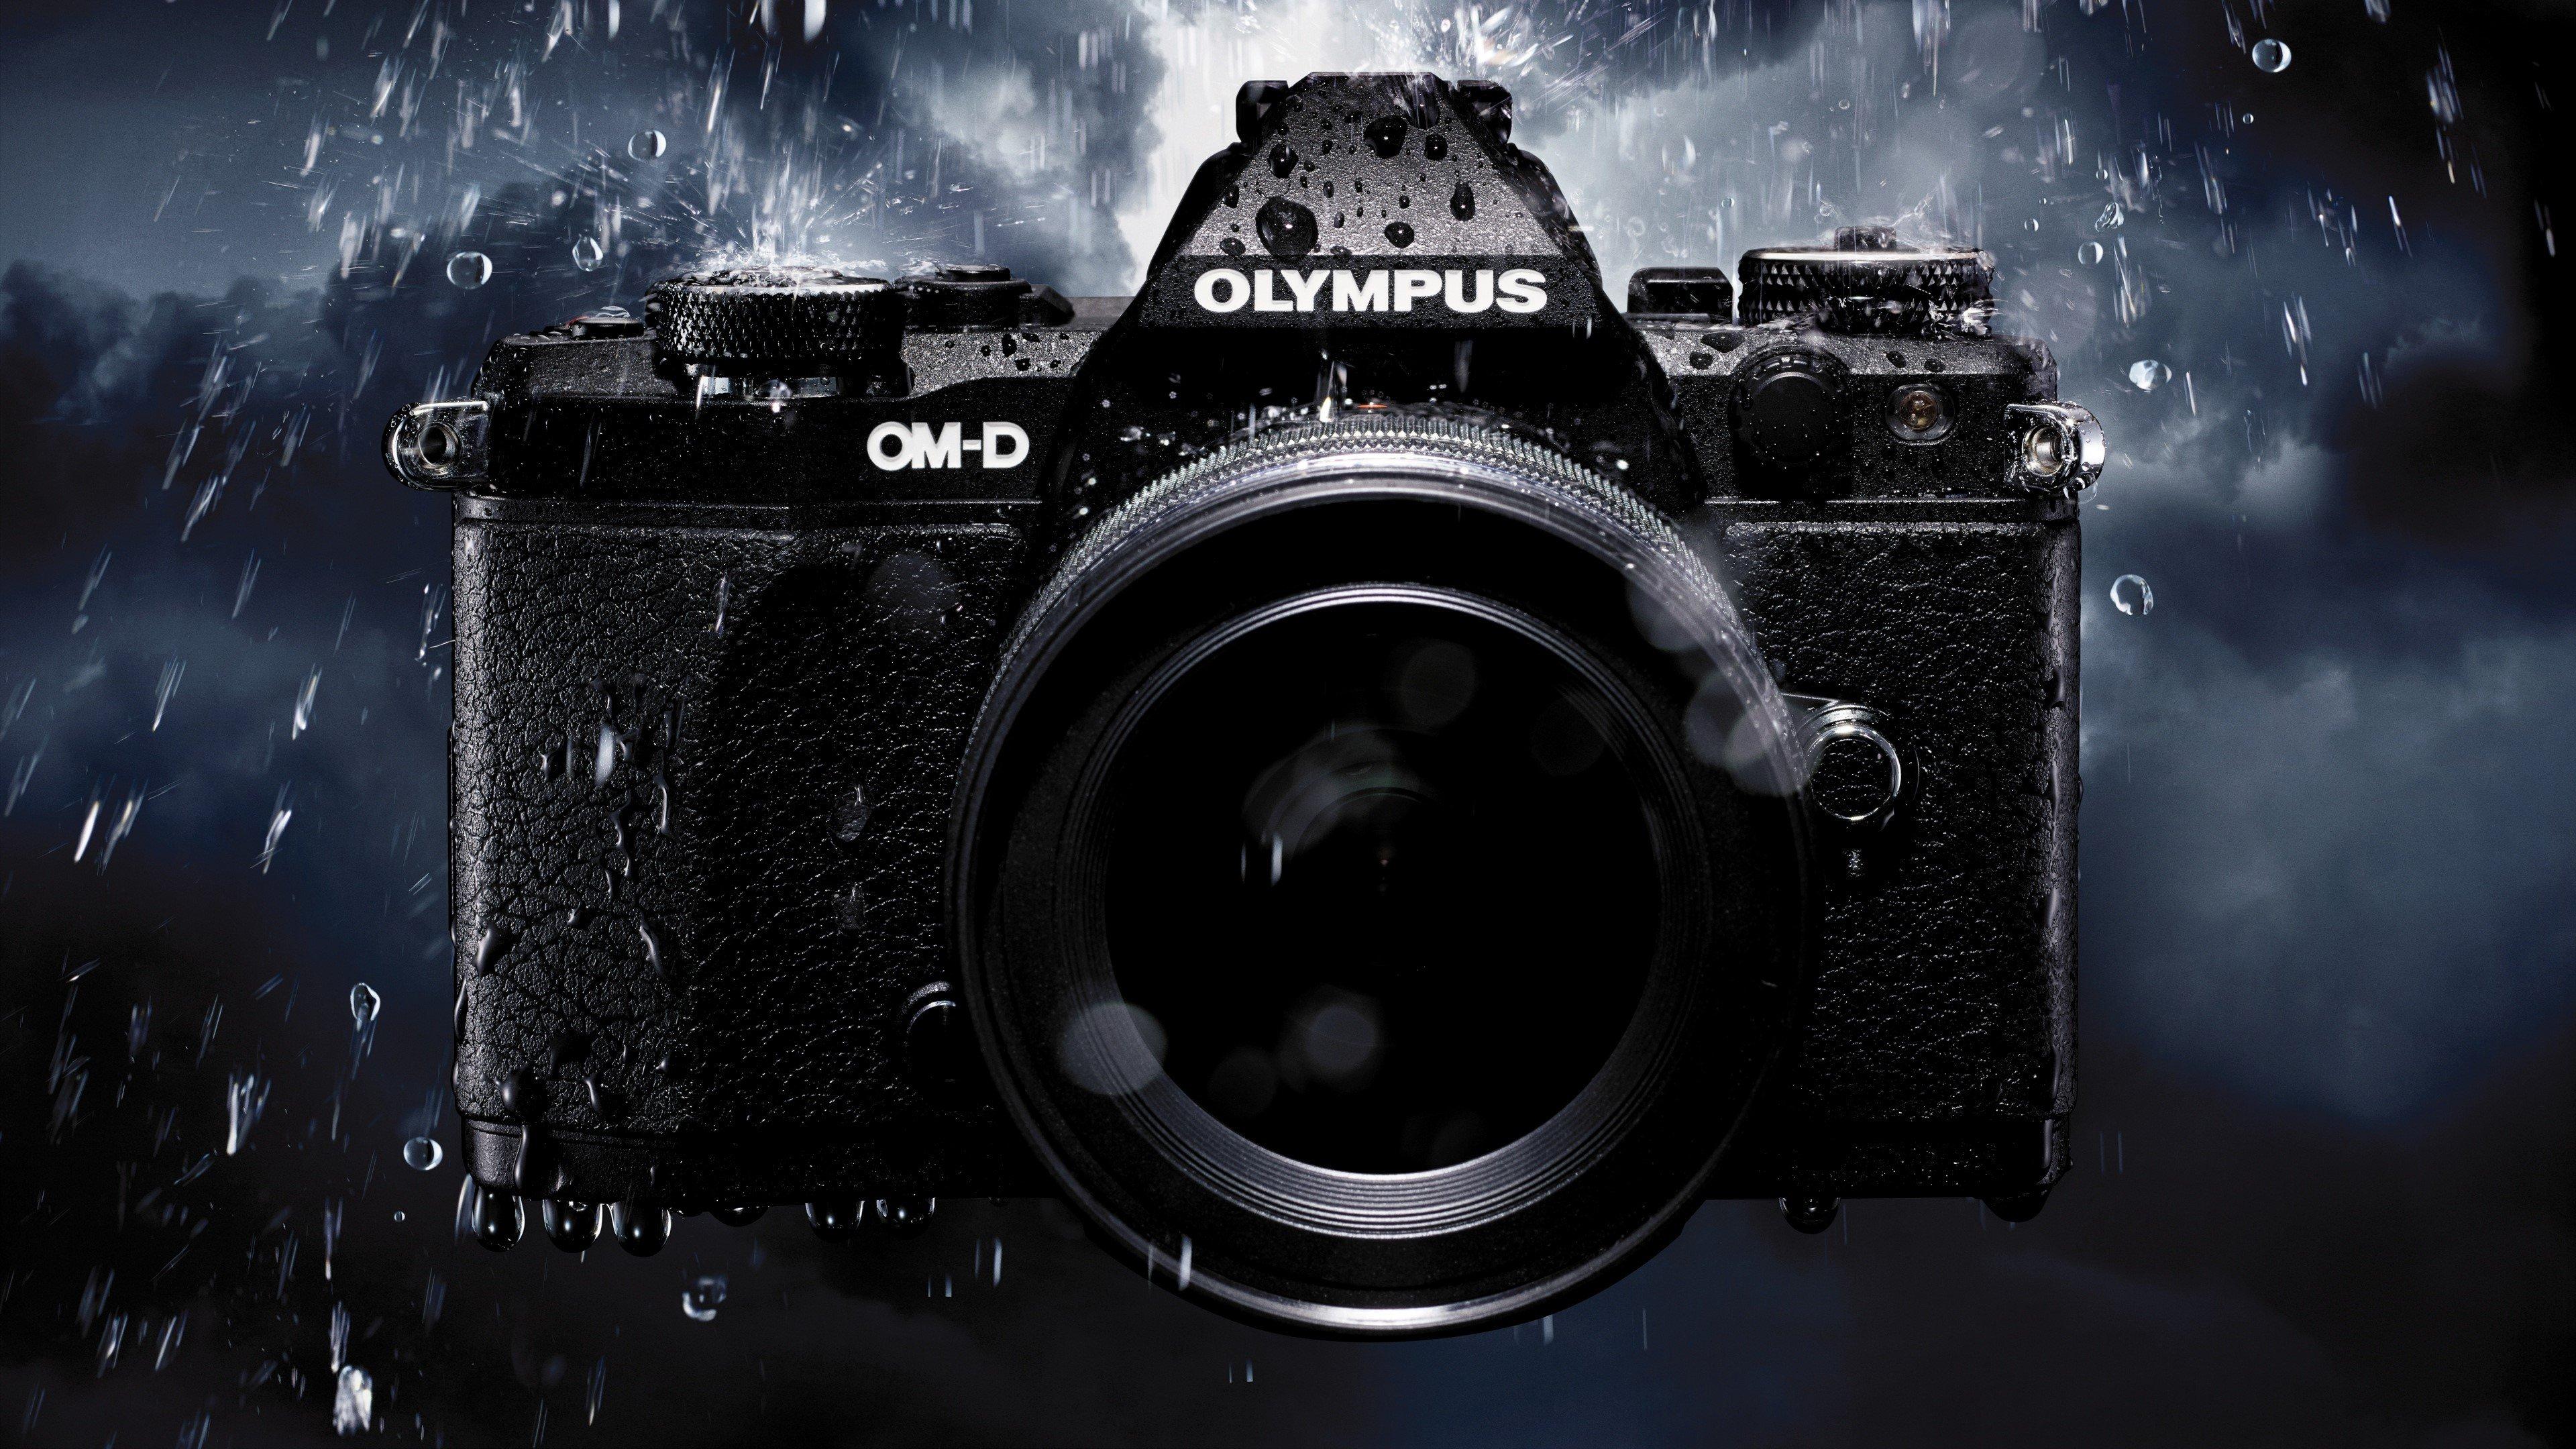 Fondos de pantalla Camara Olympus OM-D